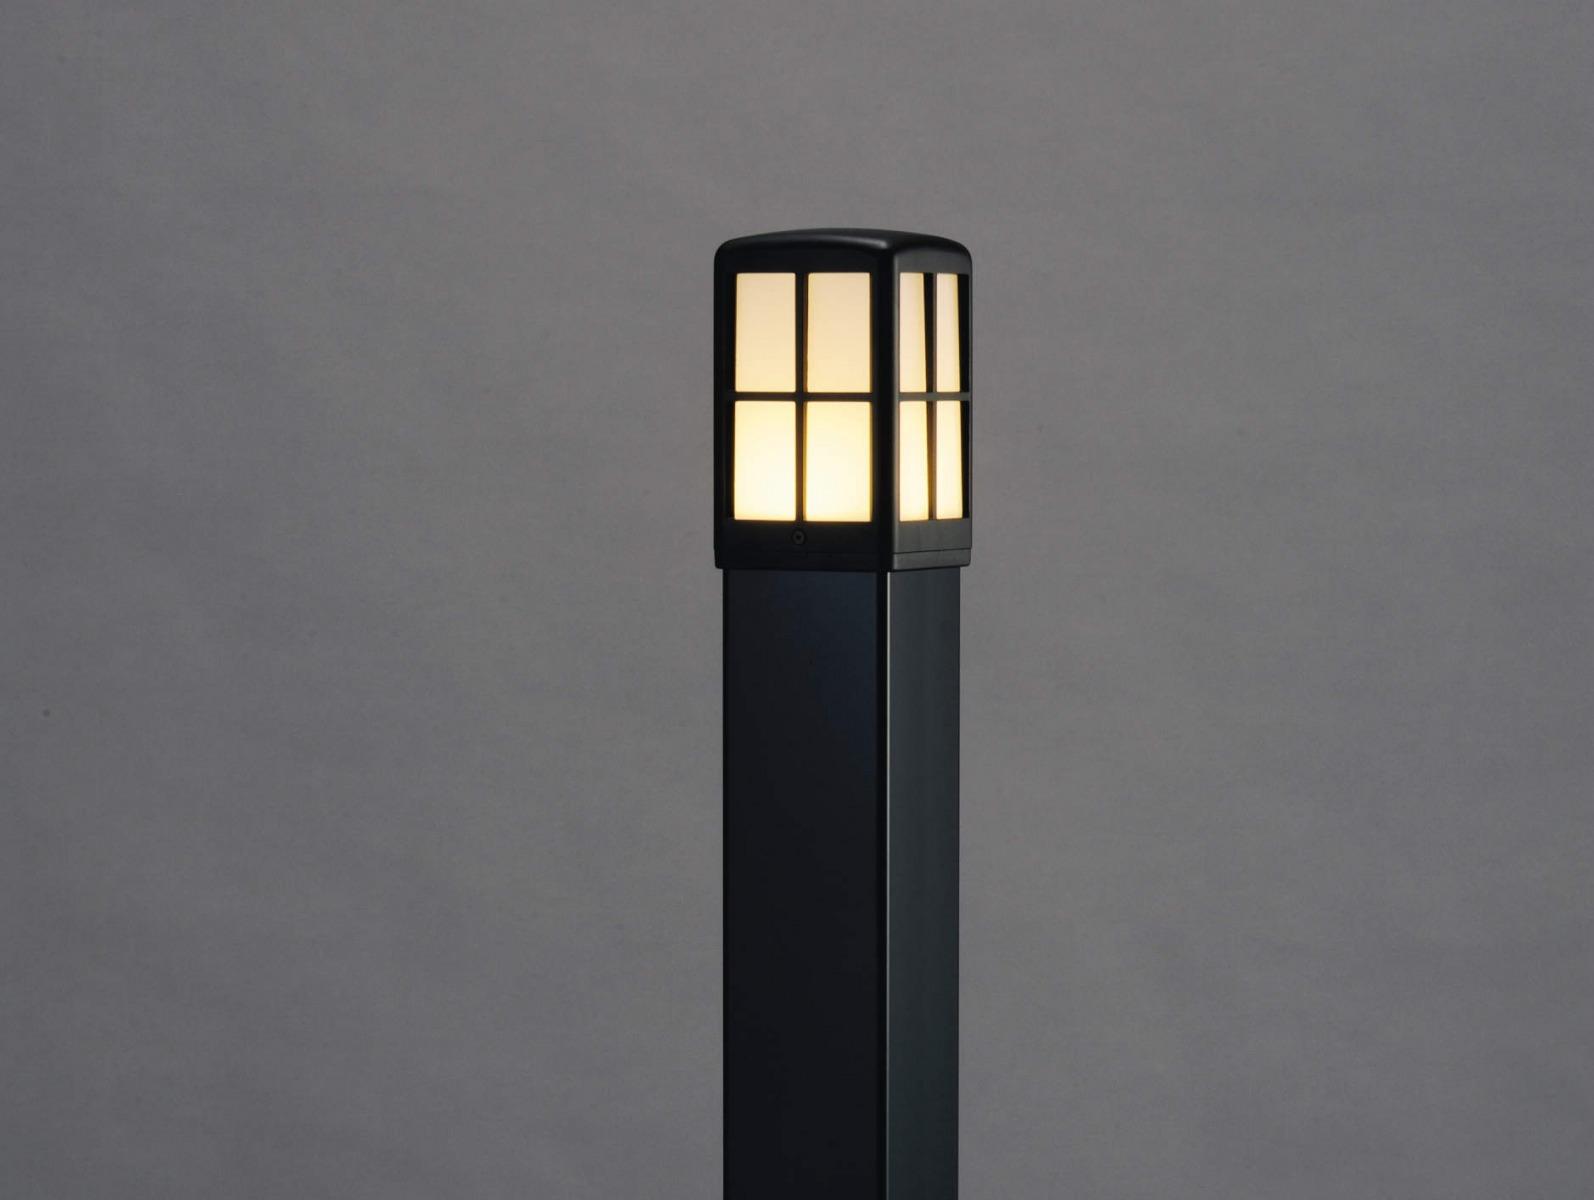 エクステリア 屋外 照明 ライト【三協アルミ】 照明器具 ガーデンライト【 GD9型 ブラック 】